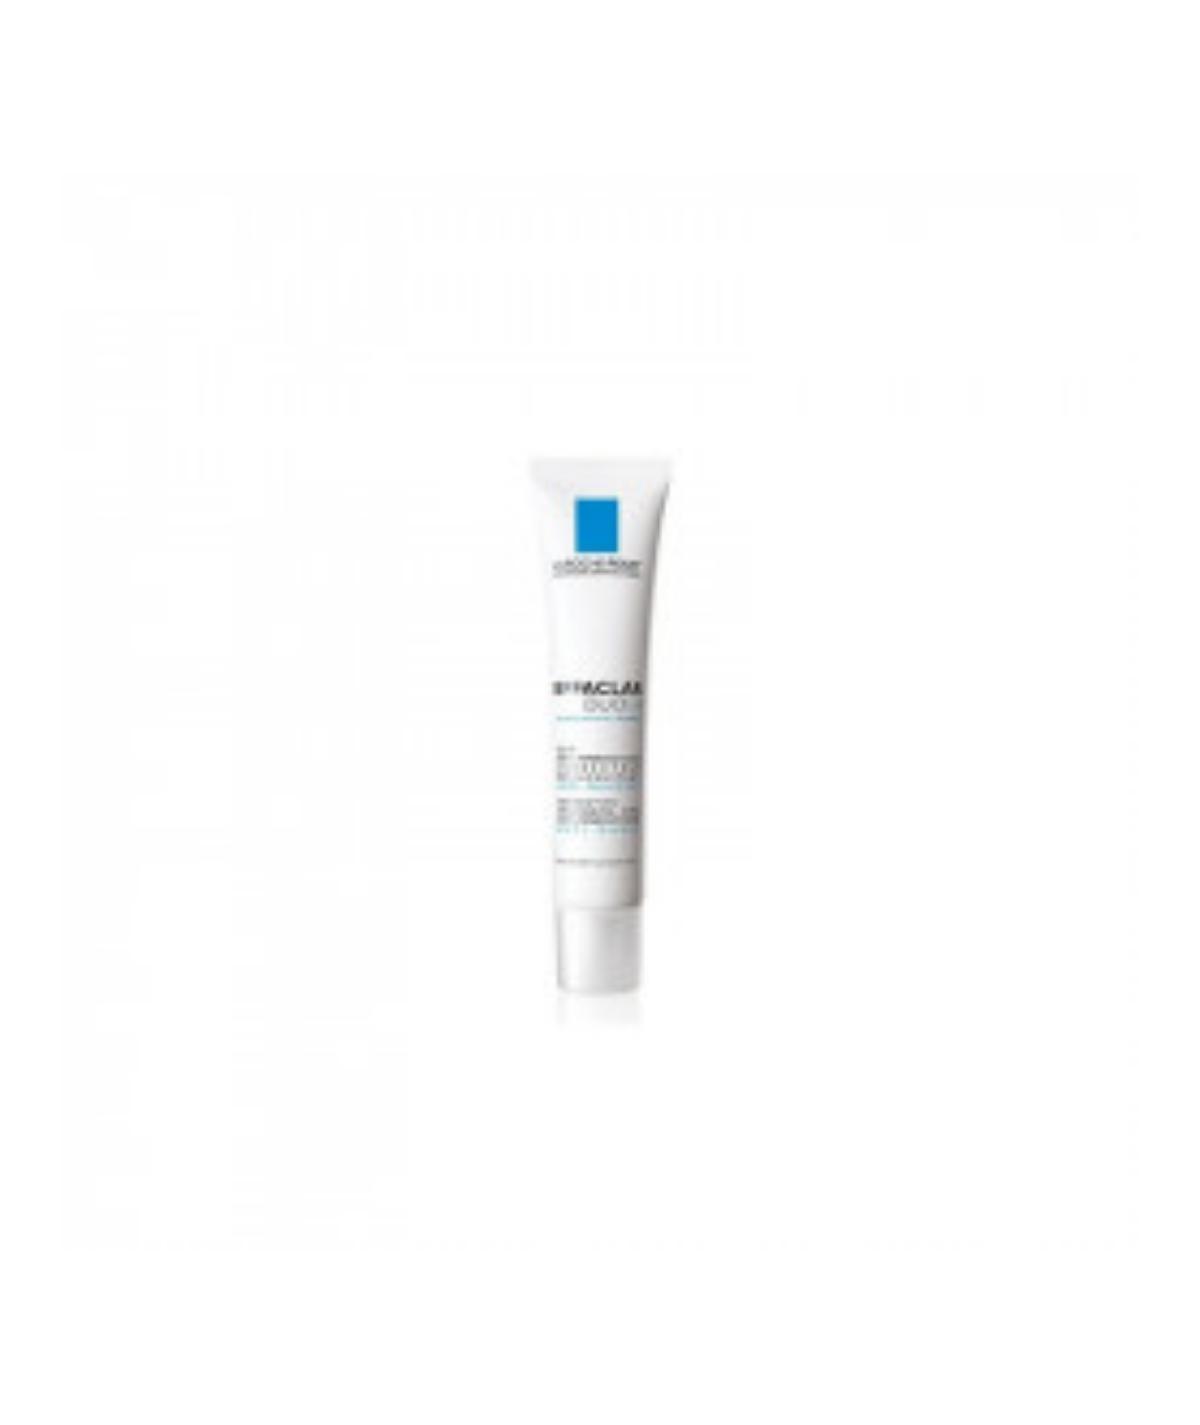 Effaclar DUO(+) Corrector Anti-imperfecciones 40ml